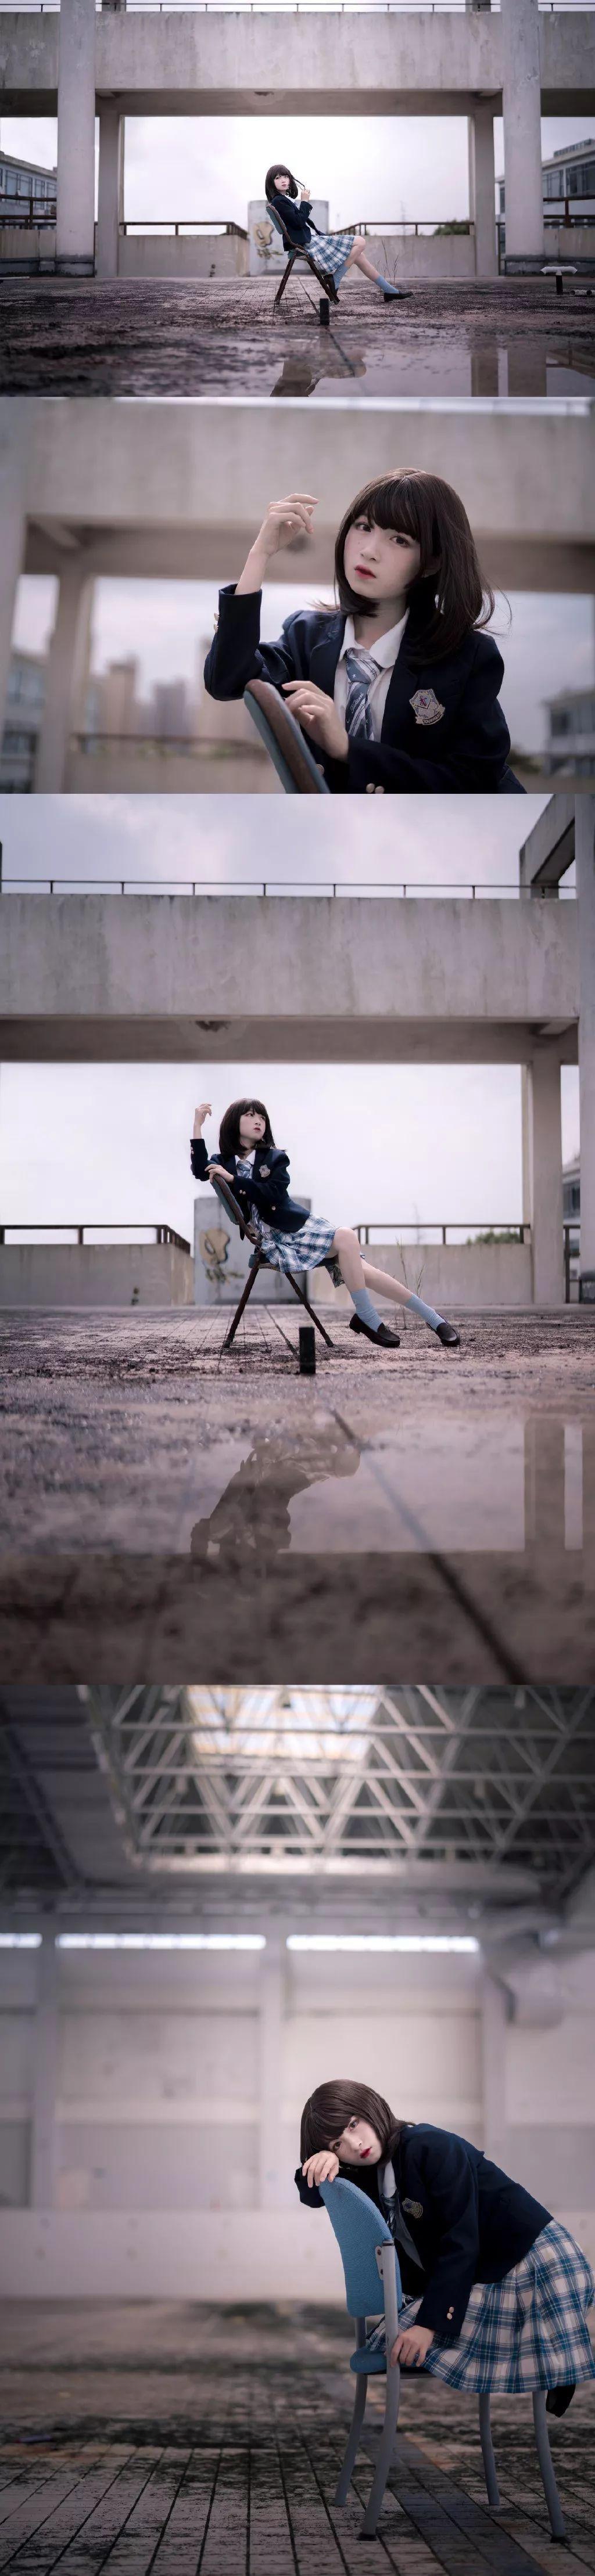 妹子摄影 – 短发jk制服少女 在破旧的教学室和一张椅子演绎颓废之美_图片 No.1